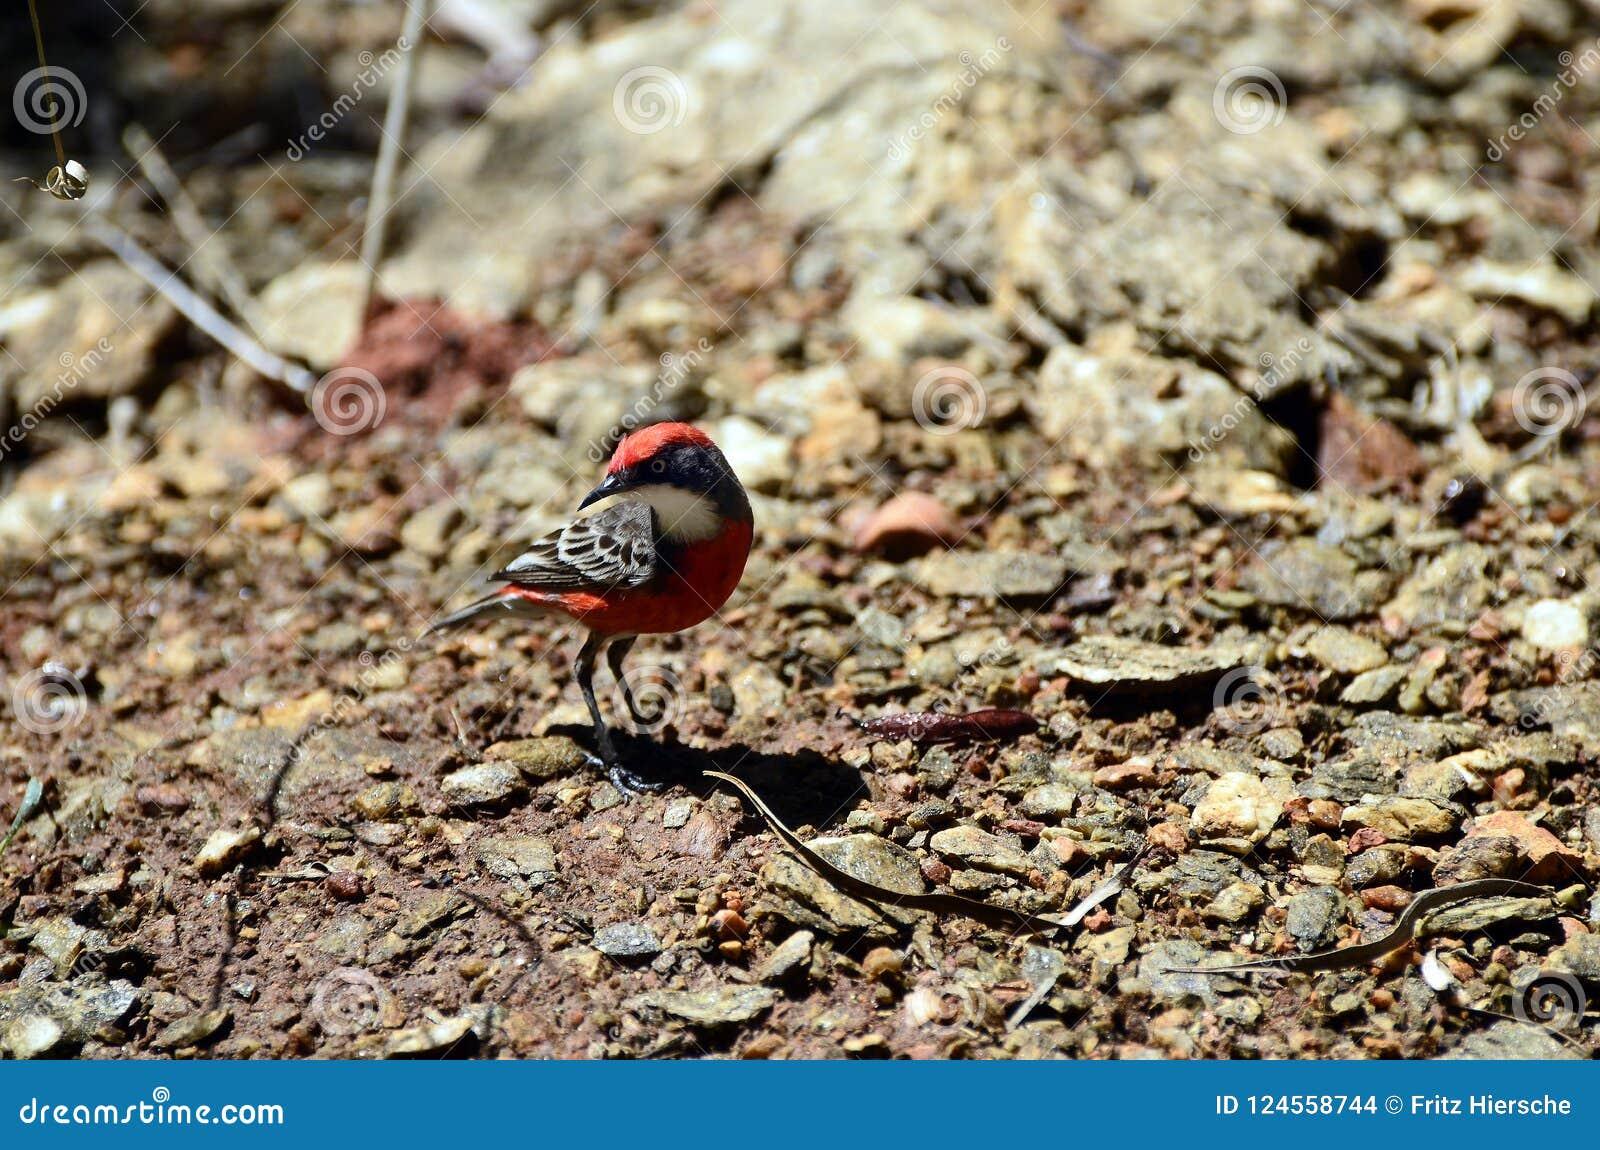 Zoologie, Vögel von Australien